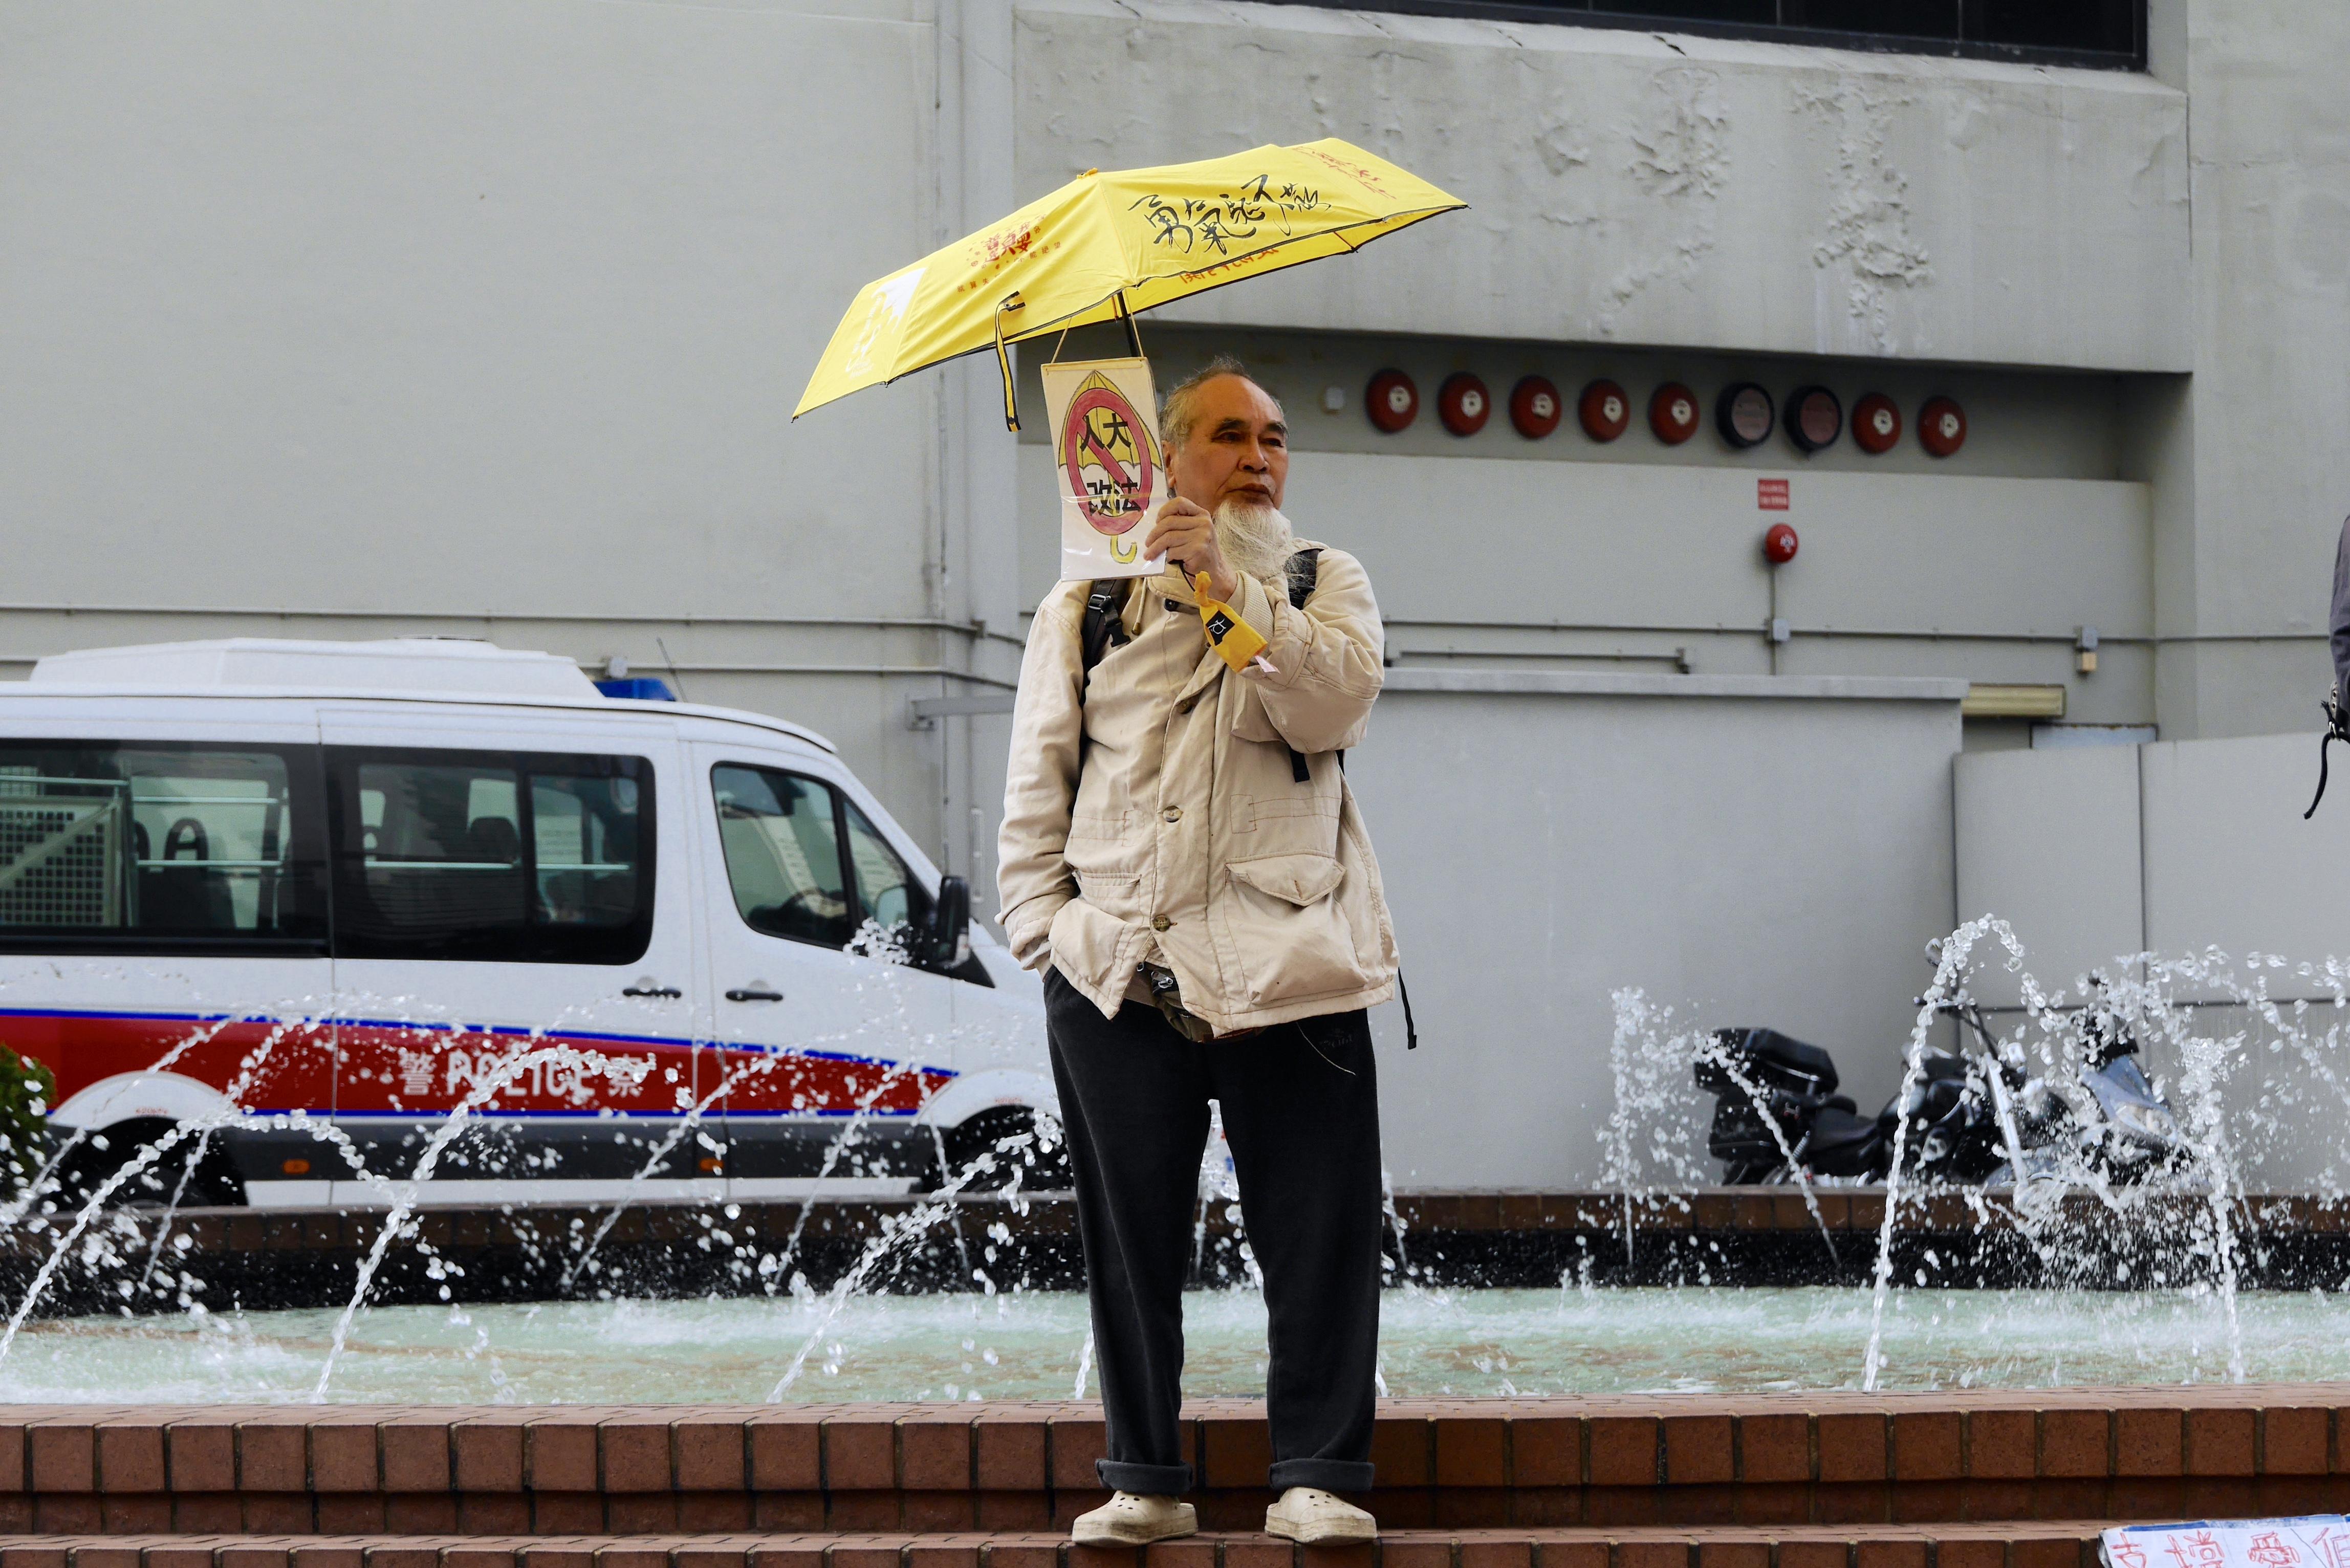 有支持者於法庭外撐起黃傘,聲援4名議員。(李洛婷攝)